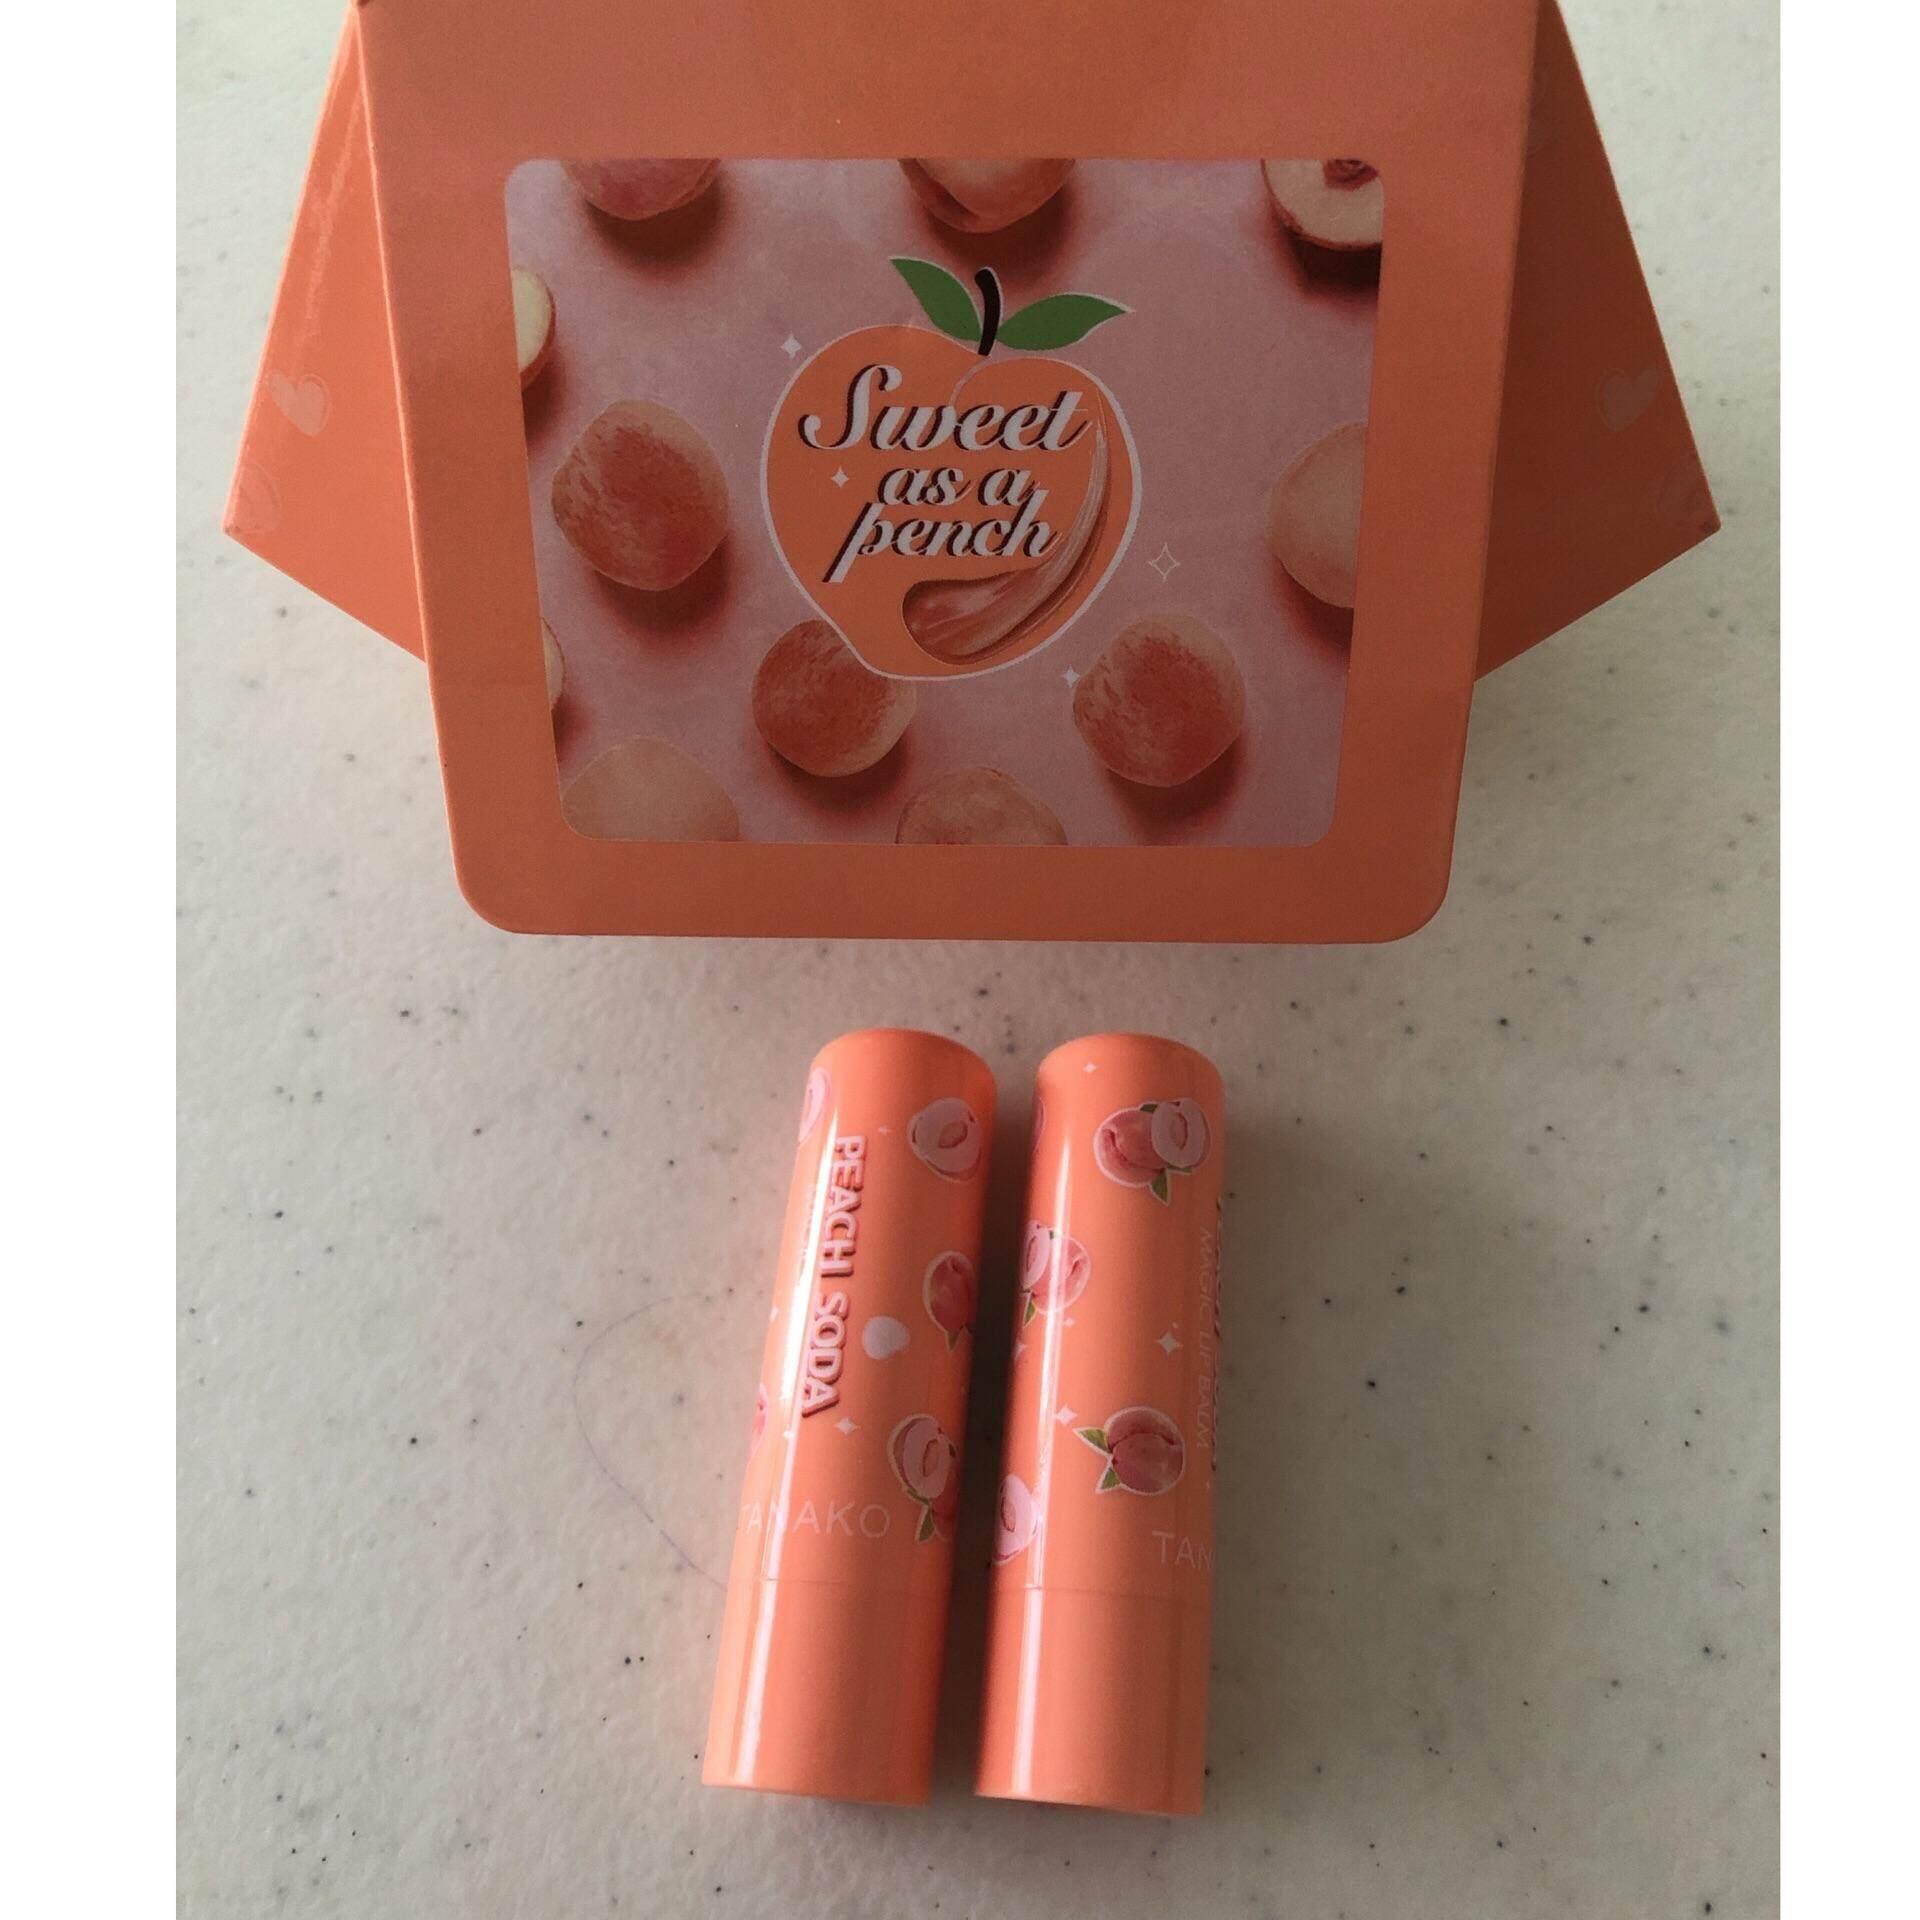 (2 แท่ง) Tanako Peach Soda Lip ลิปมันเปลี่ยนสี ลูกพีช สีสวย แก้ปากดำคล้ำ กลิ่นหอมลูกพีช บรรจุแท่งละ 3.5 กรัม